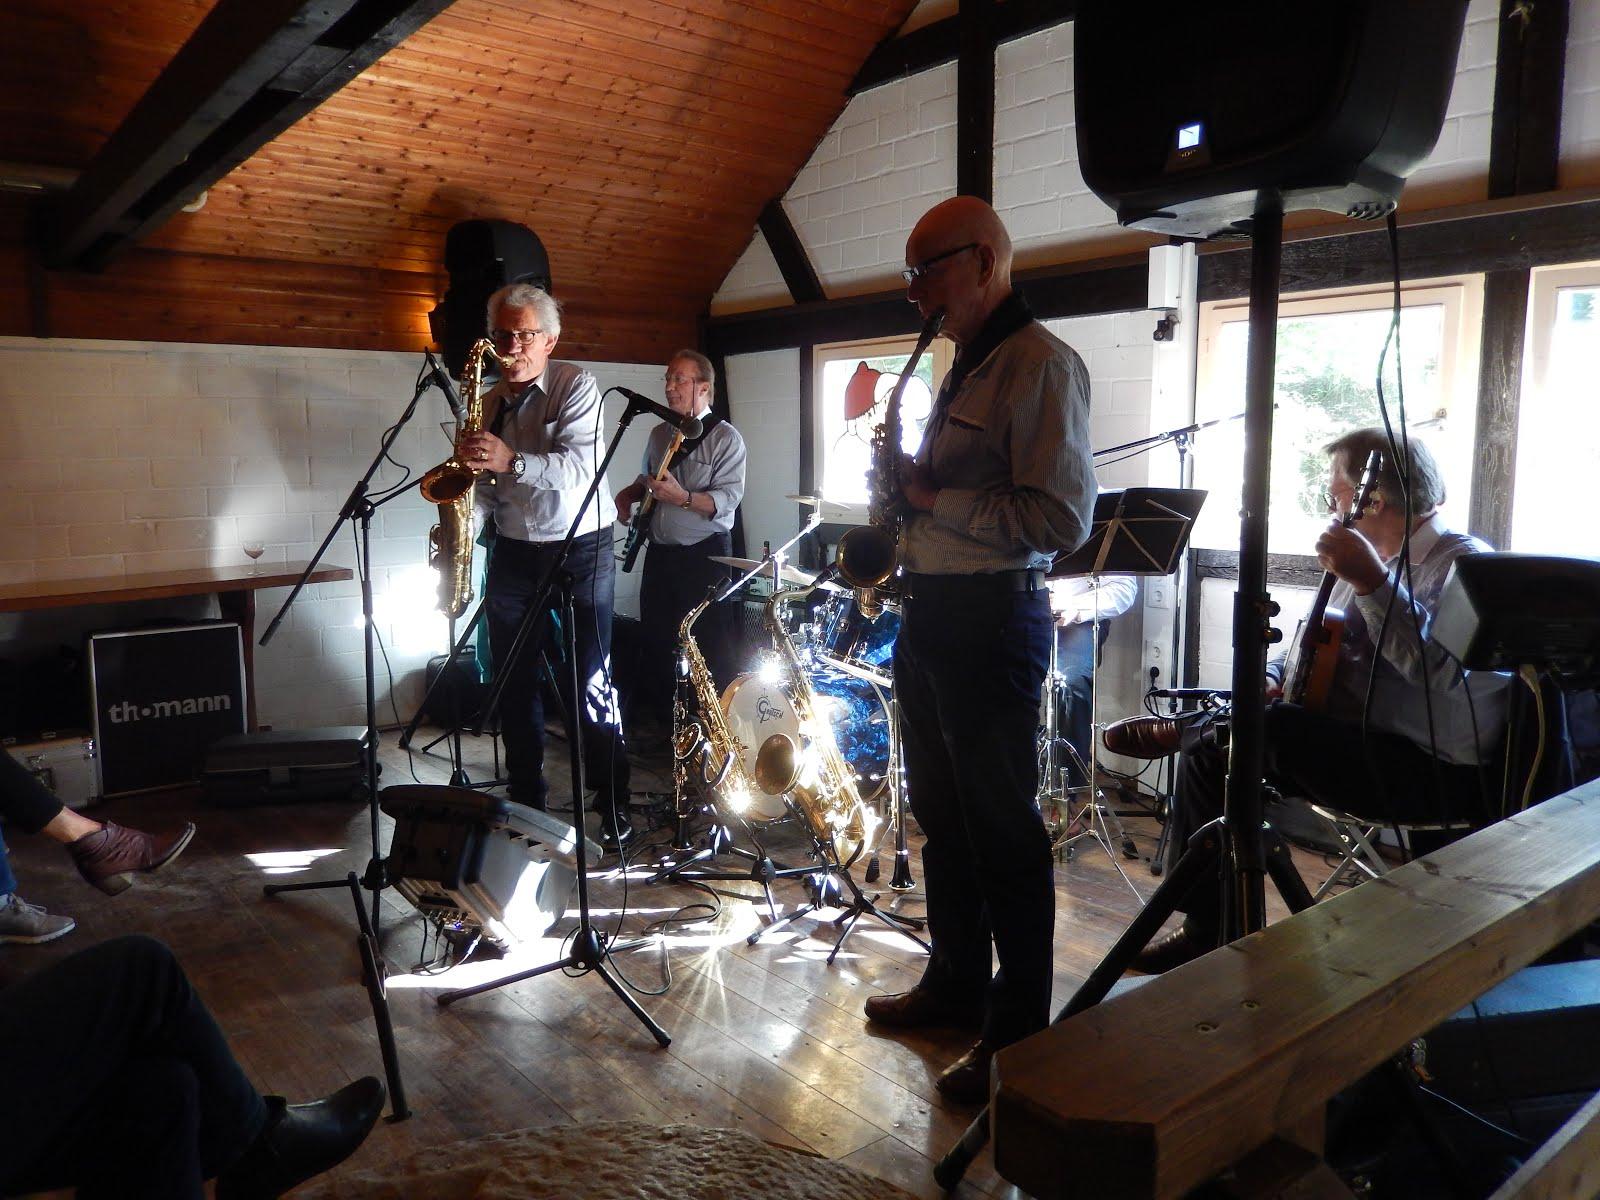 Concert Jazzclub Alte Muehle Gummersbach 9 oktober 2016